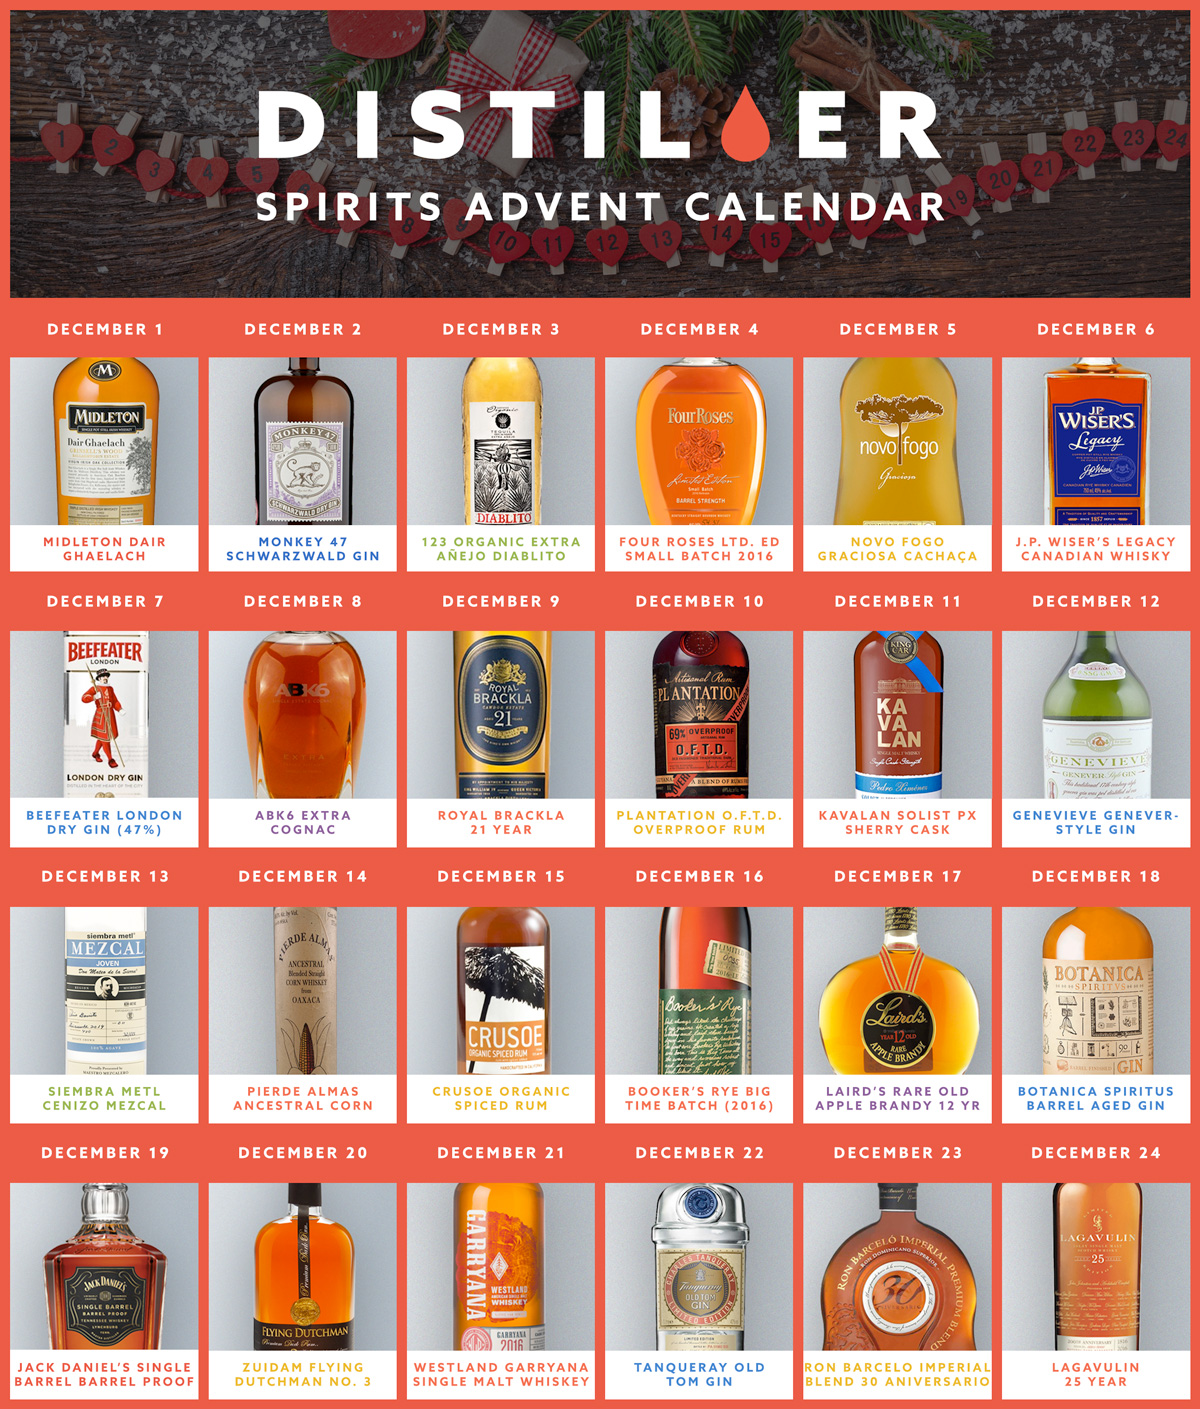 Distiller Advent Calendar